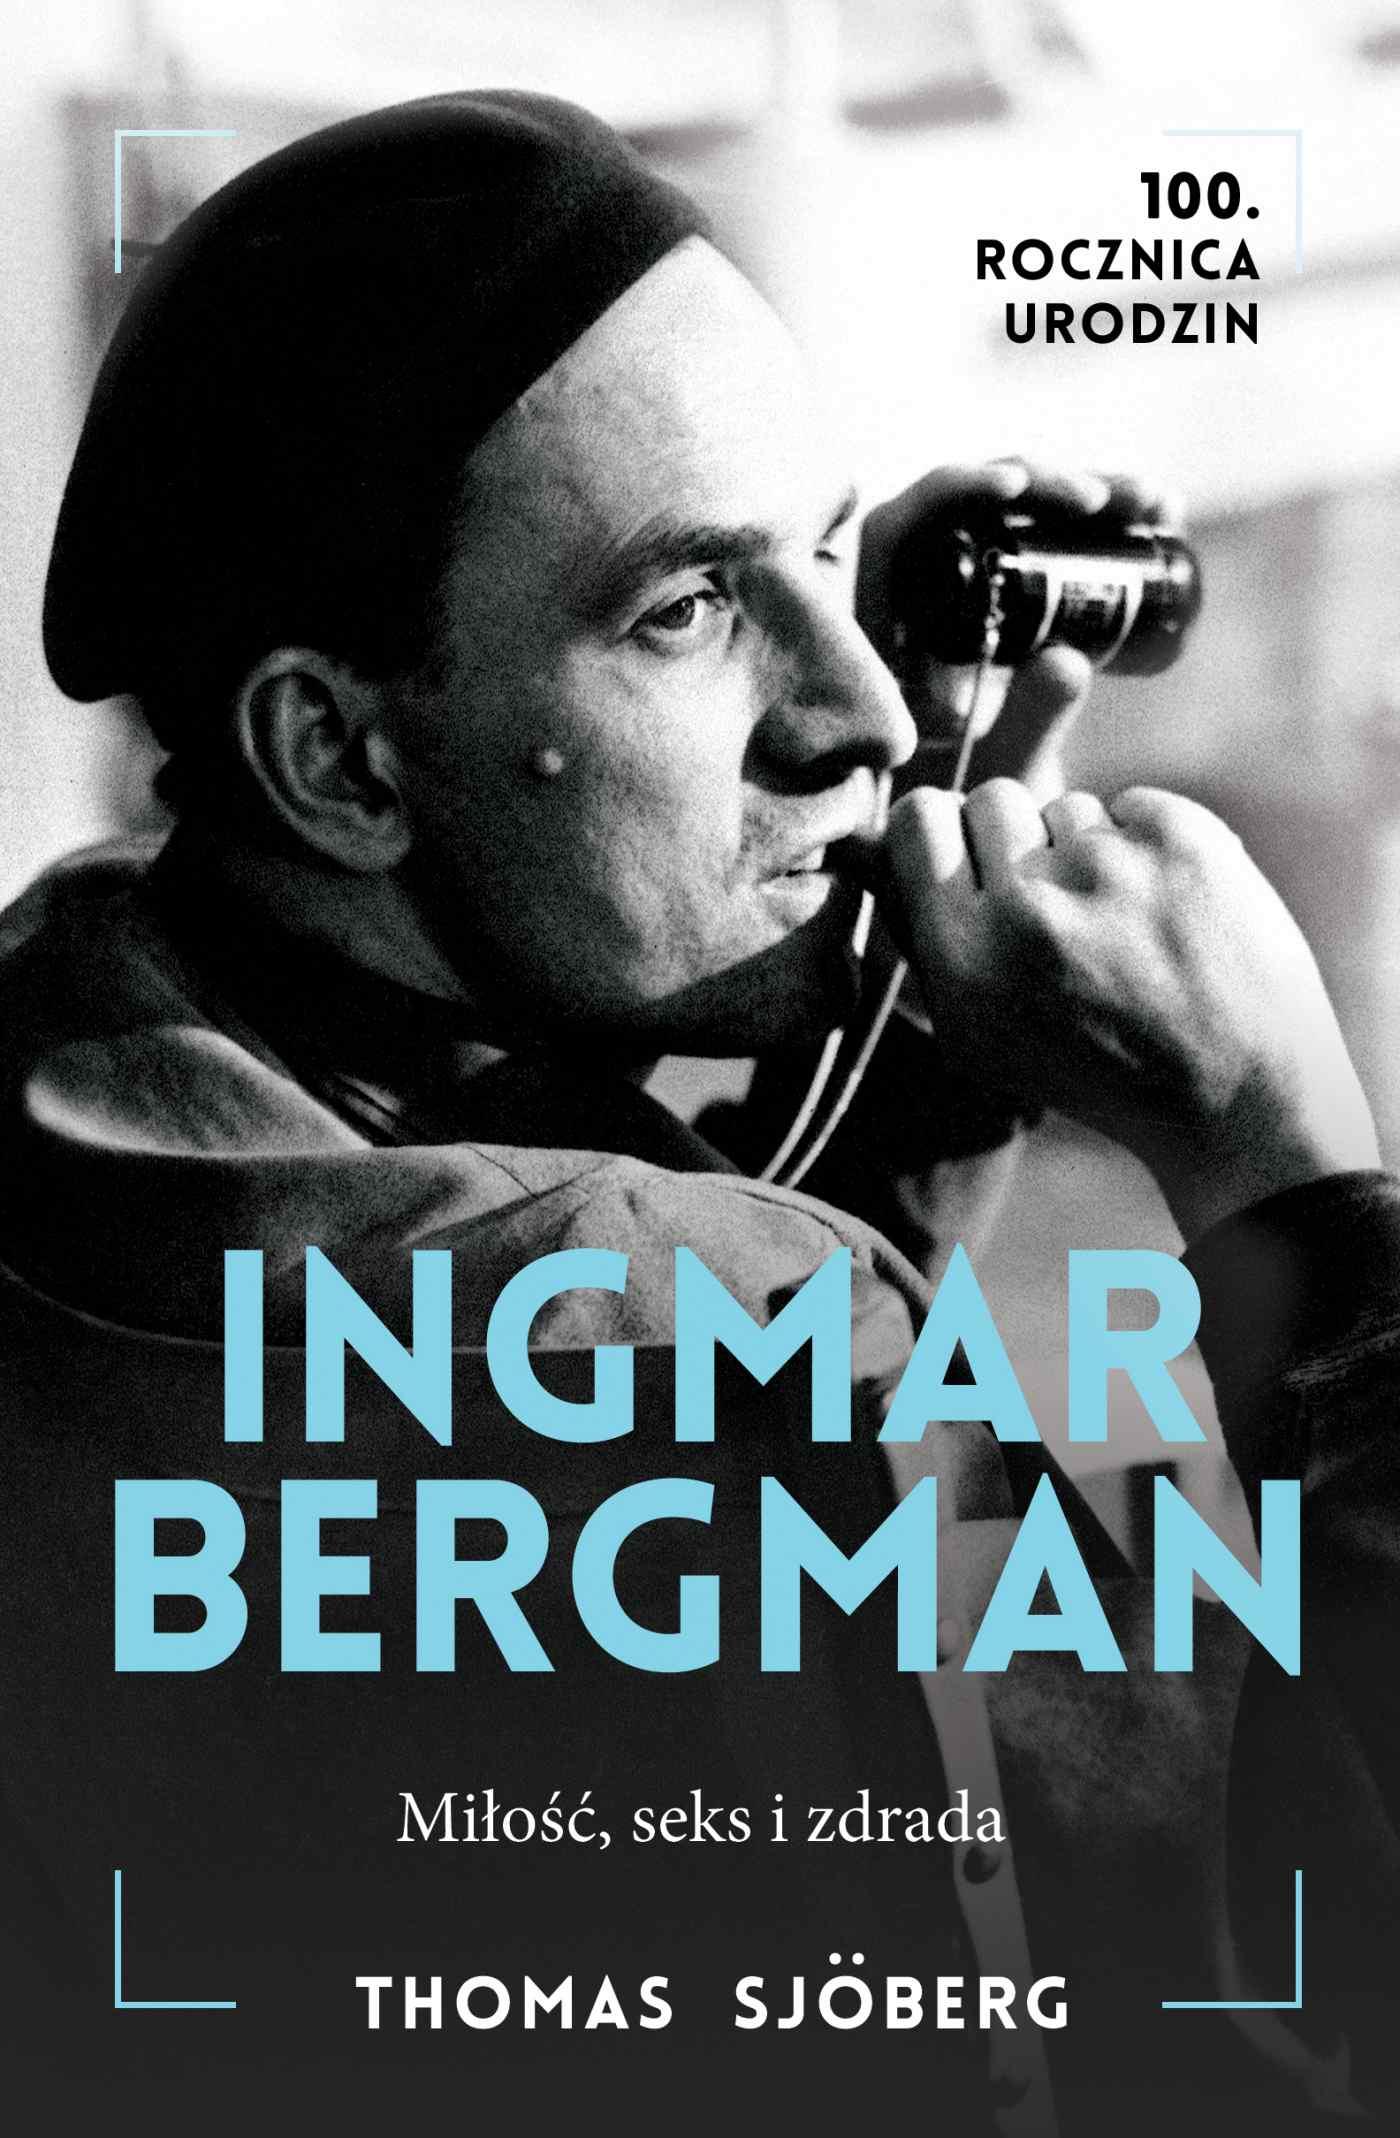 Ingmar Bergman. Miłość, seks i zdrada - Ebook (Książka EPUB) do pobrania w formacie EPUB